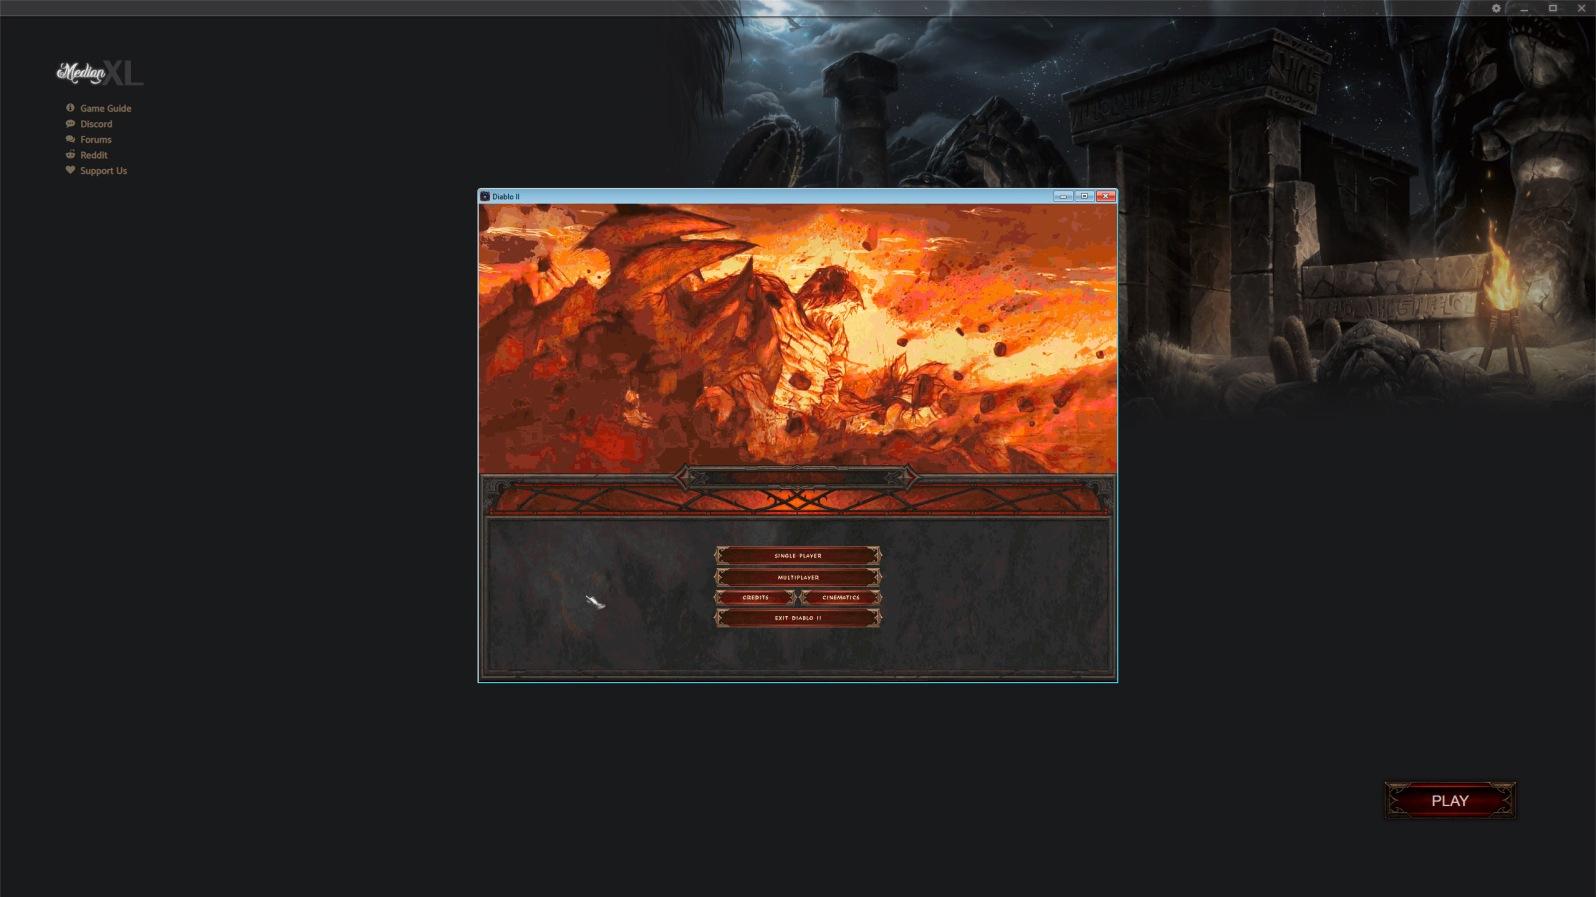 Diablo 2 Modifikation - Median XL 2019